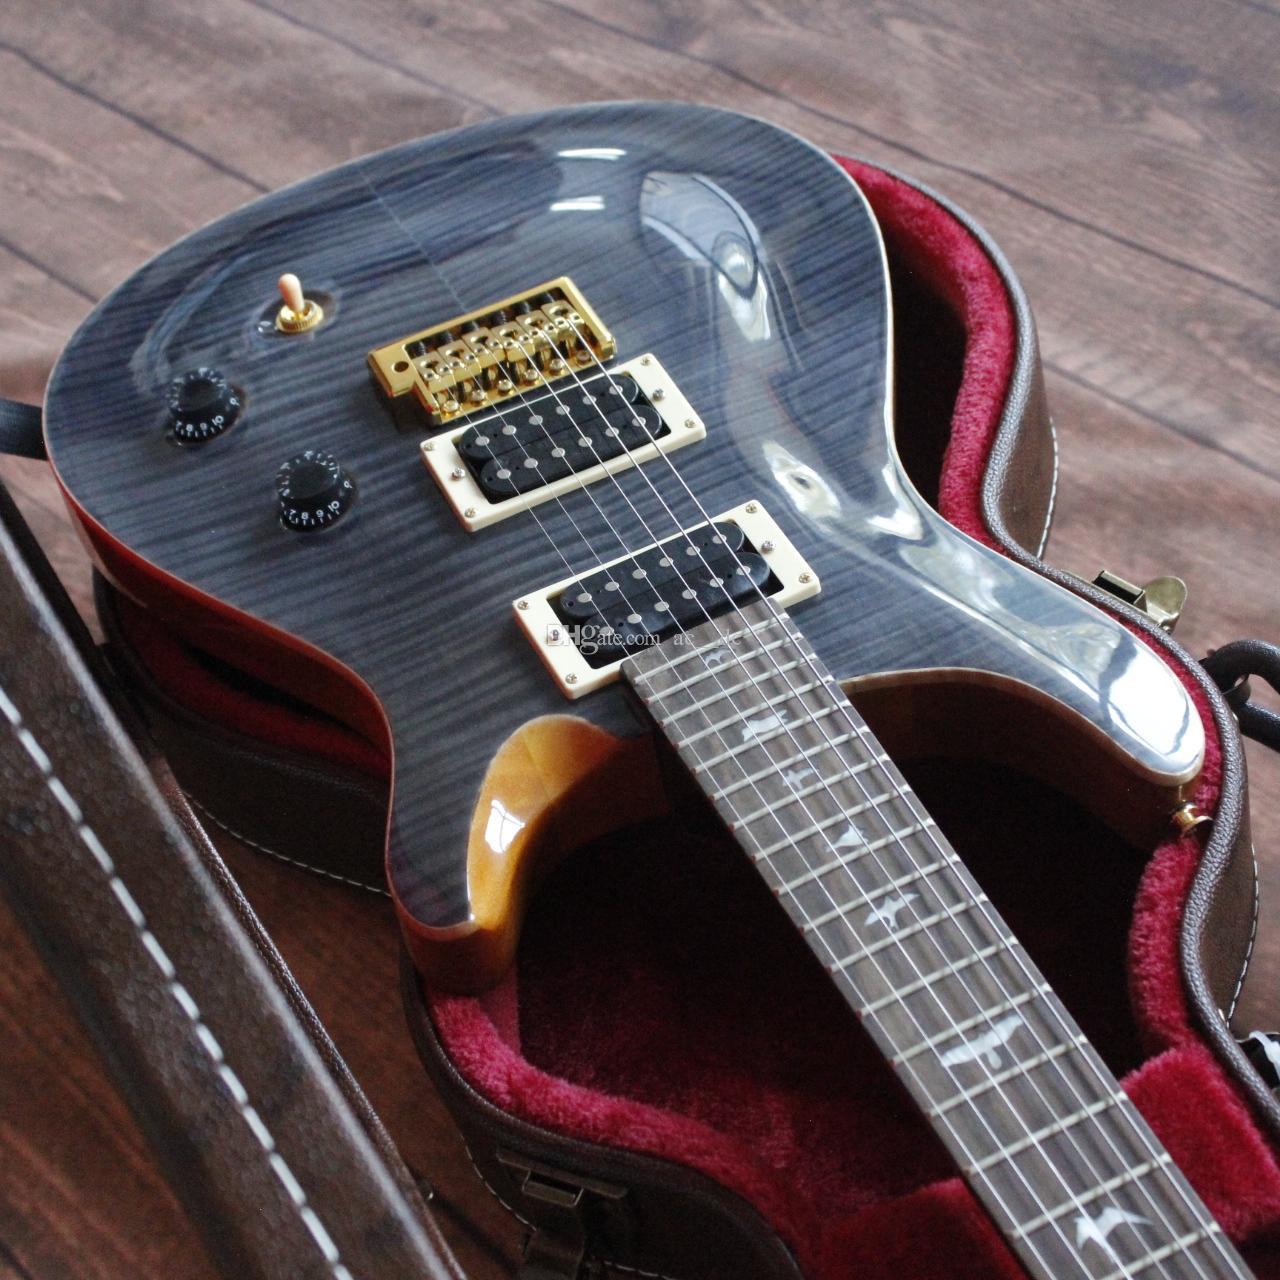 Продвижение! Темно-синий серый пламя клена вершина Smith Электрическая гитара мост тремоло, обвязка дерева, белая швабровка птиц инкрустация, Eagle Headstock